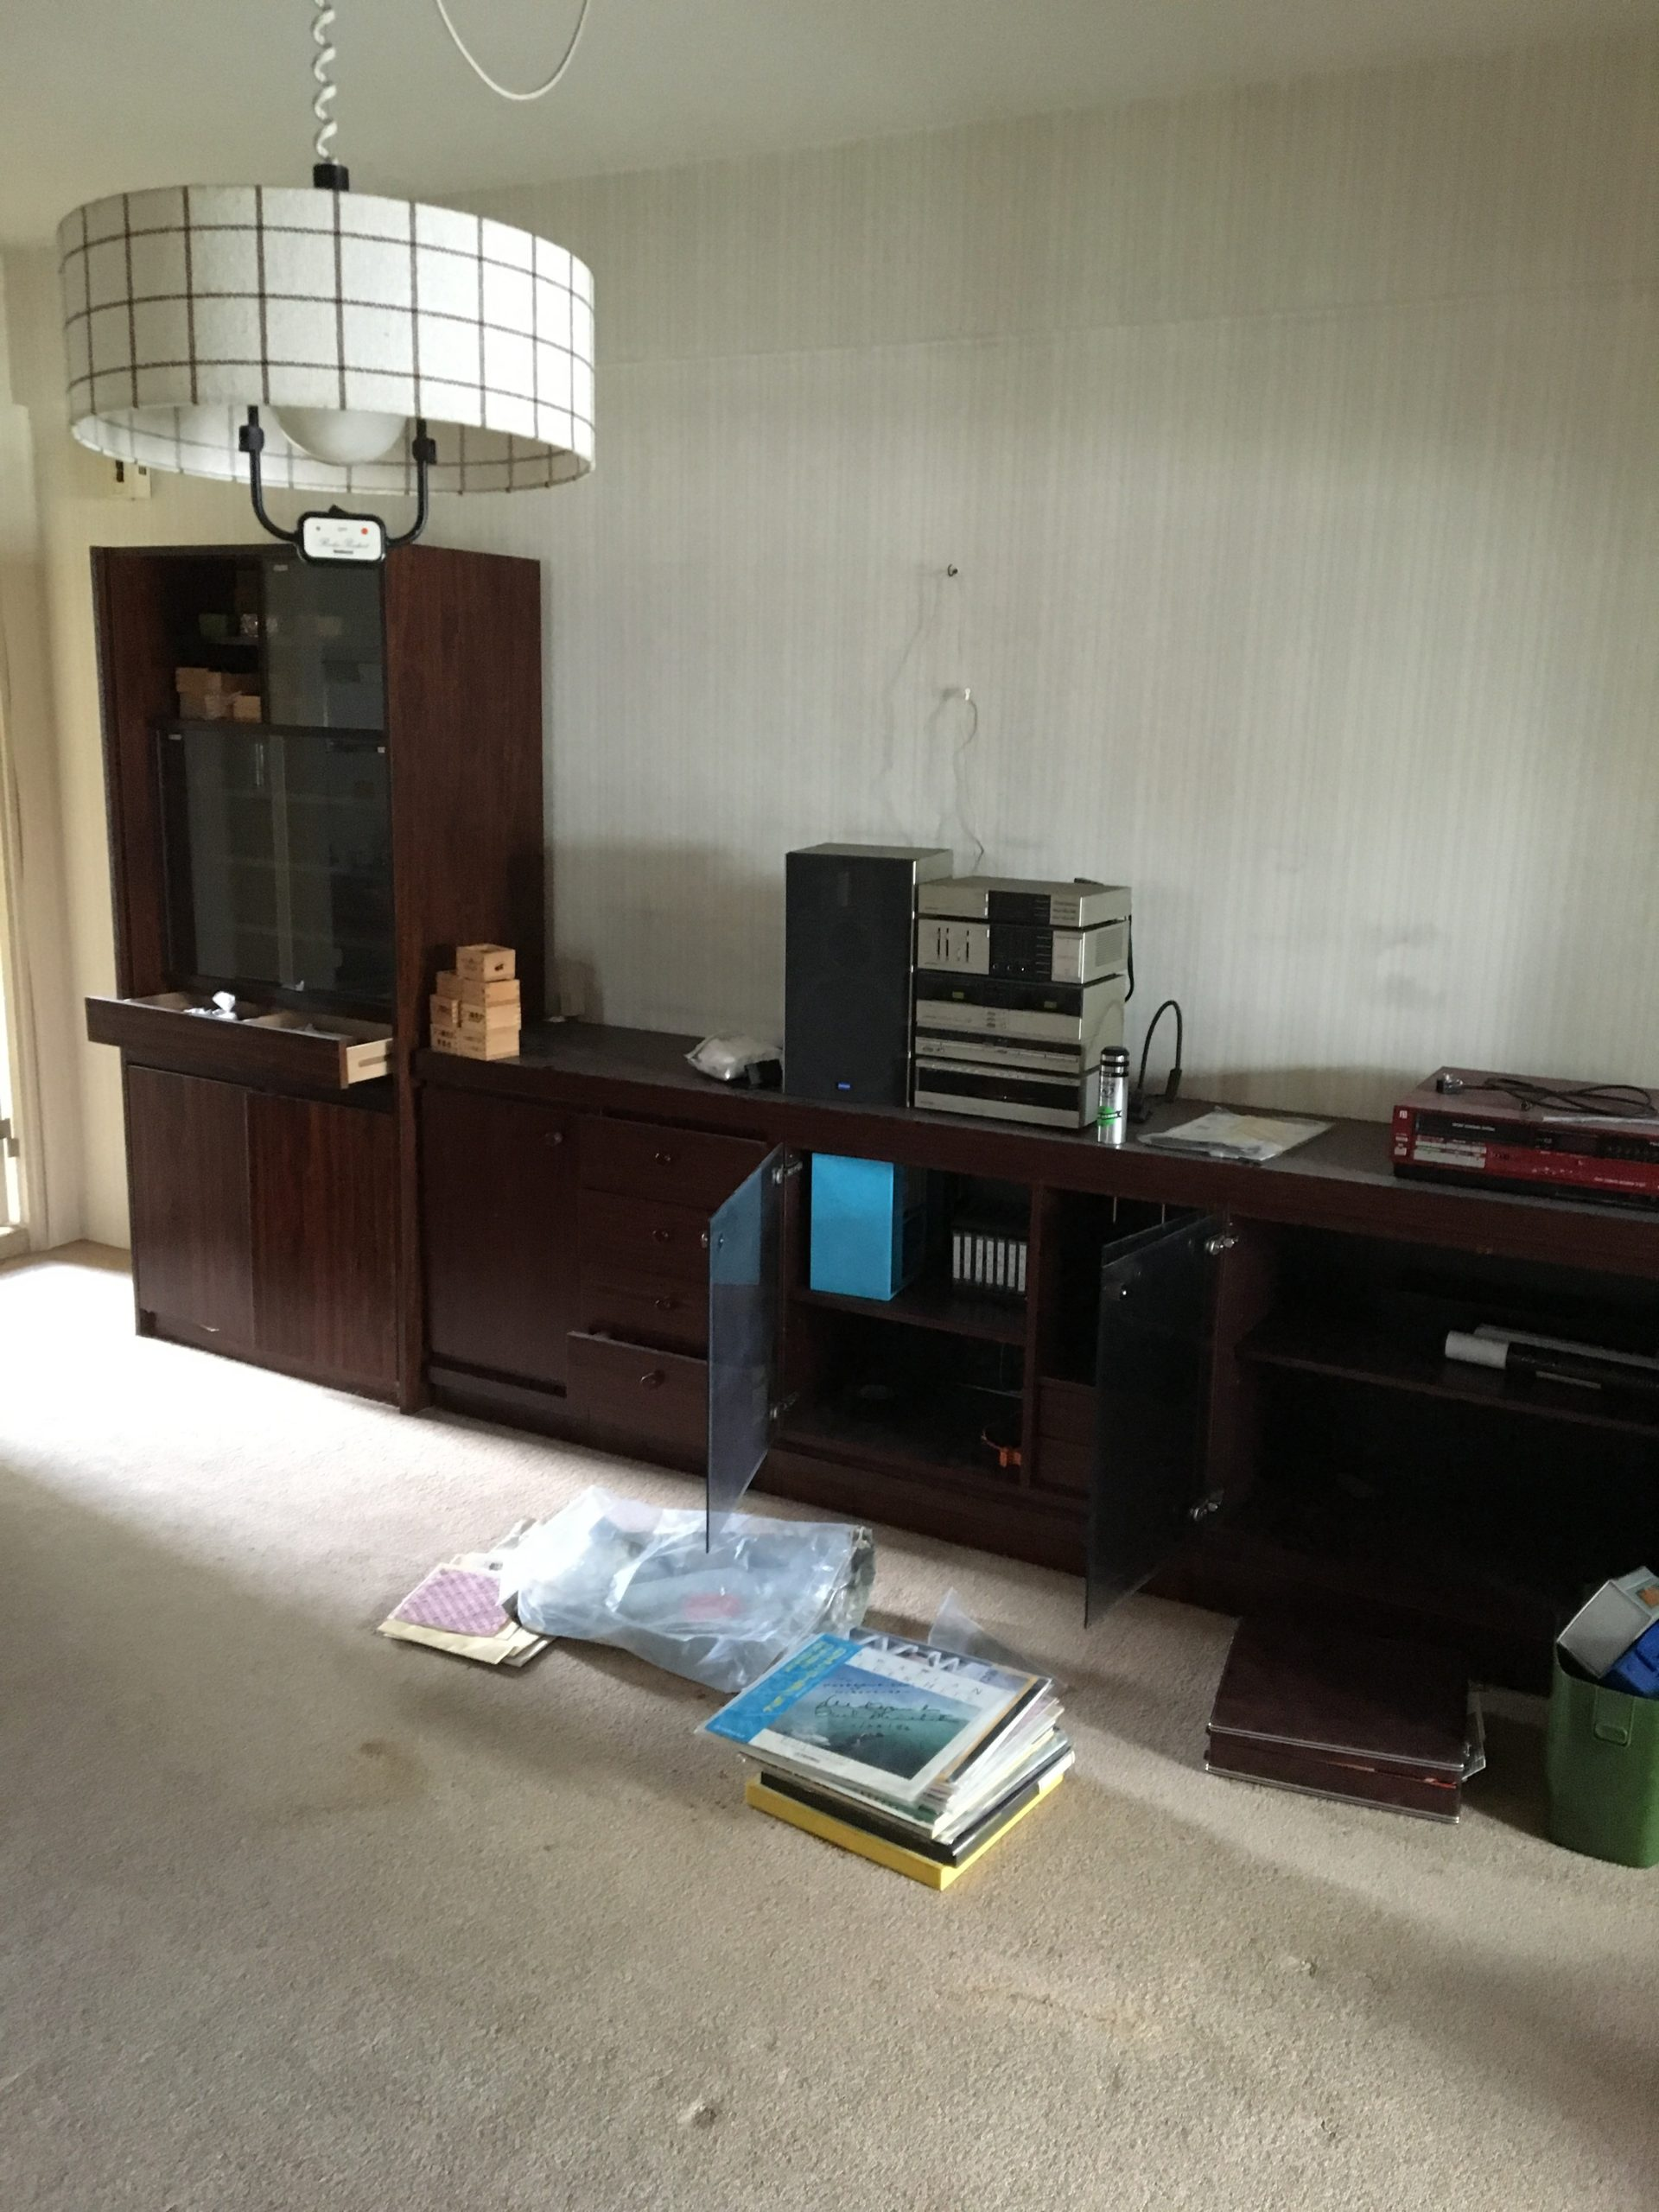 【愛知県名古屋市瑞穂区】収納棚や音響機器の回収